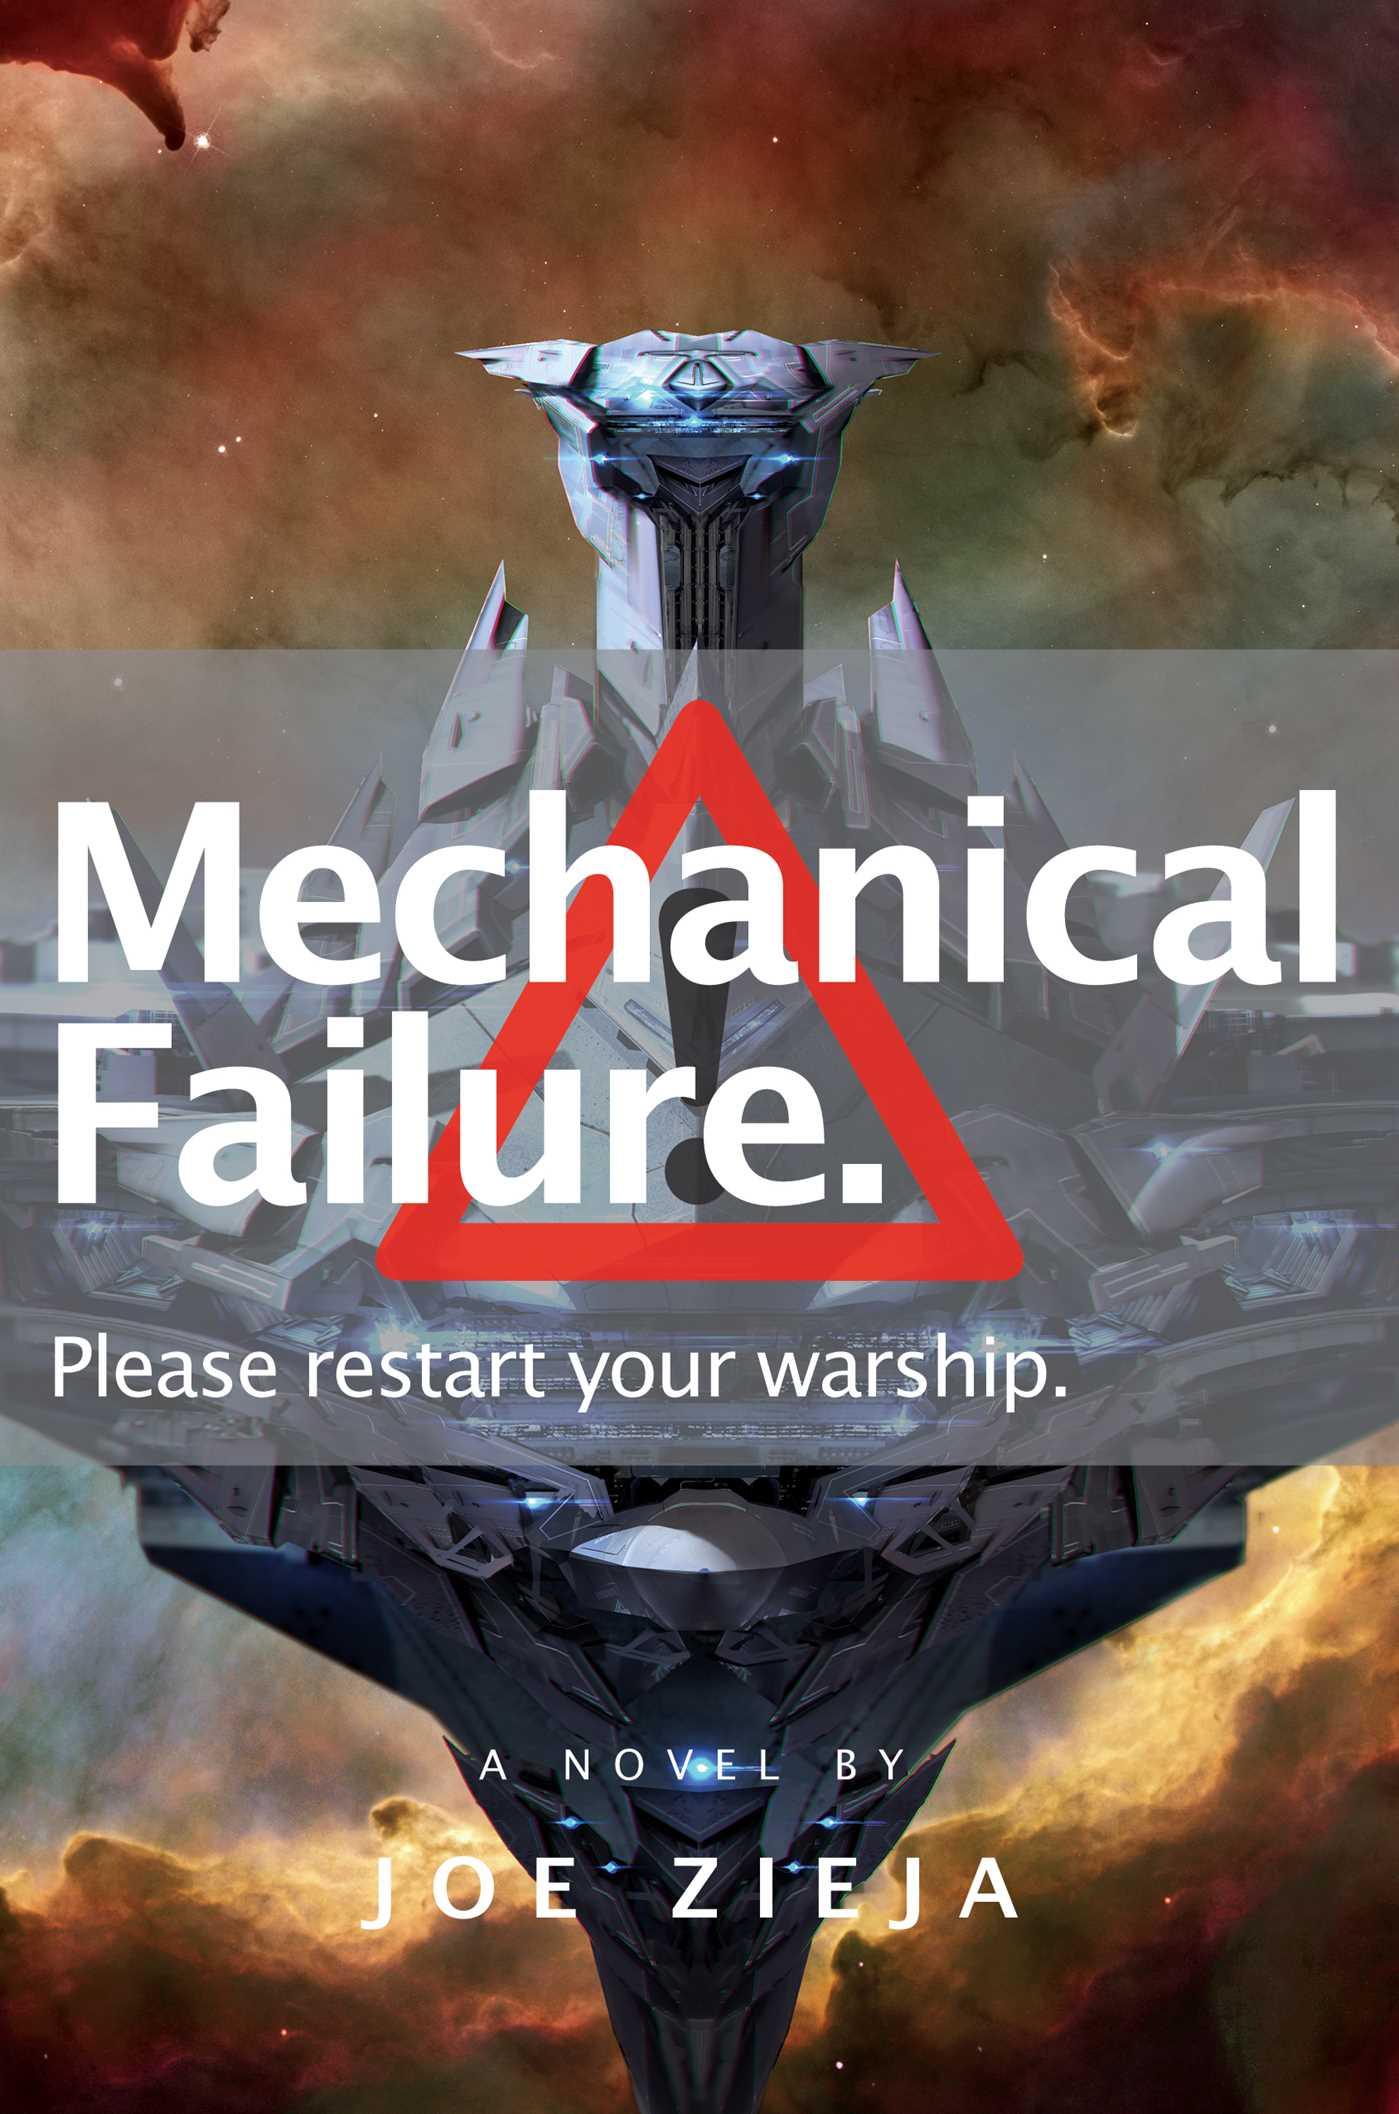 Mechanical failure 9781481459273 hr